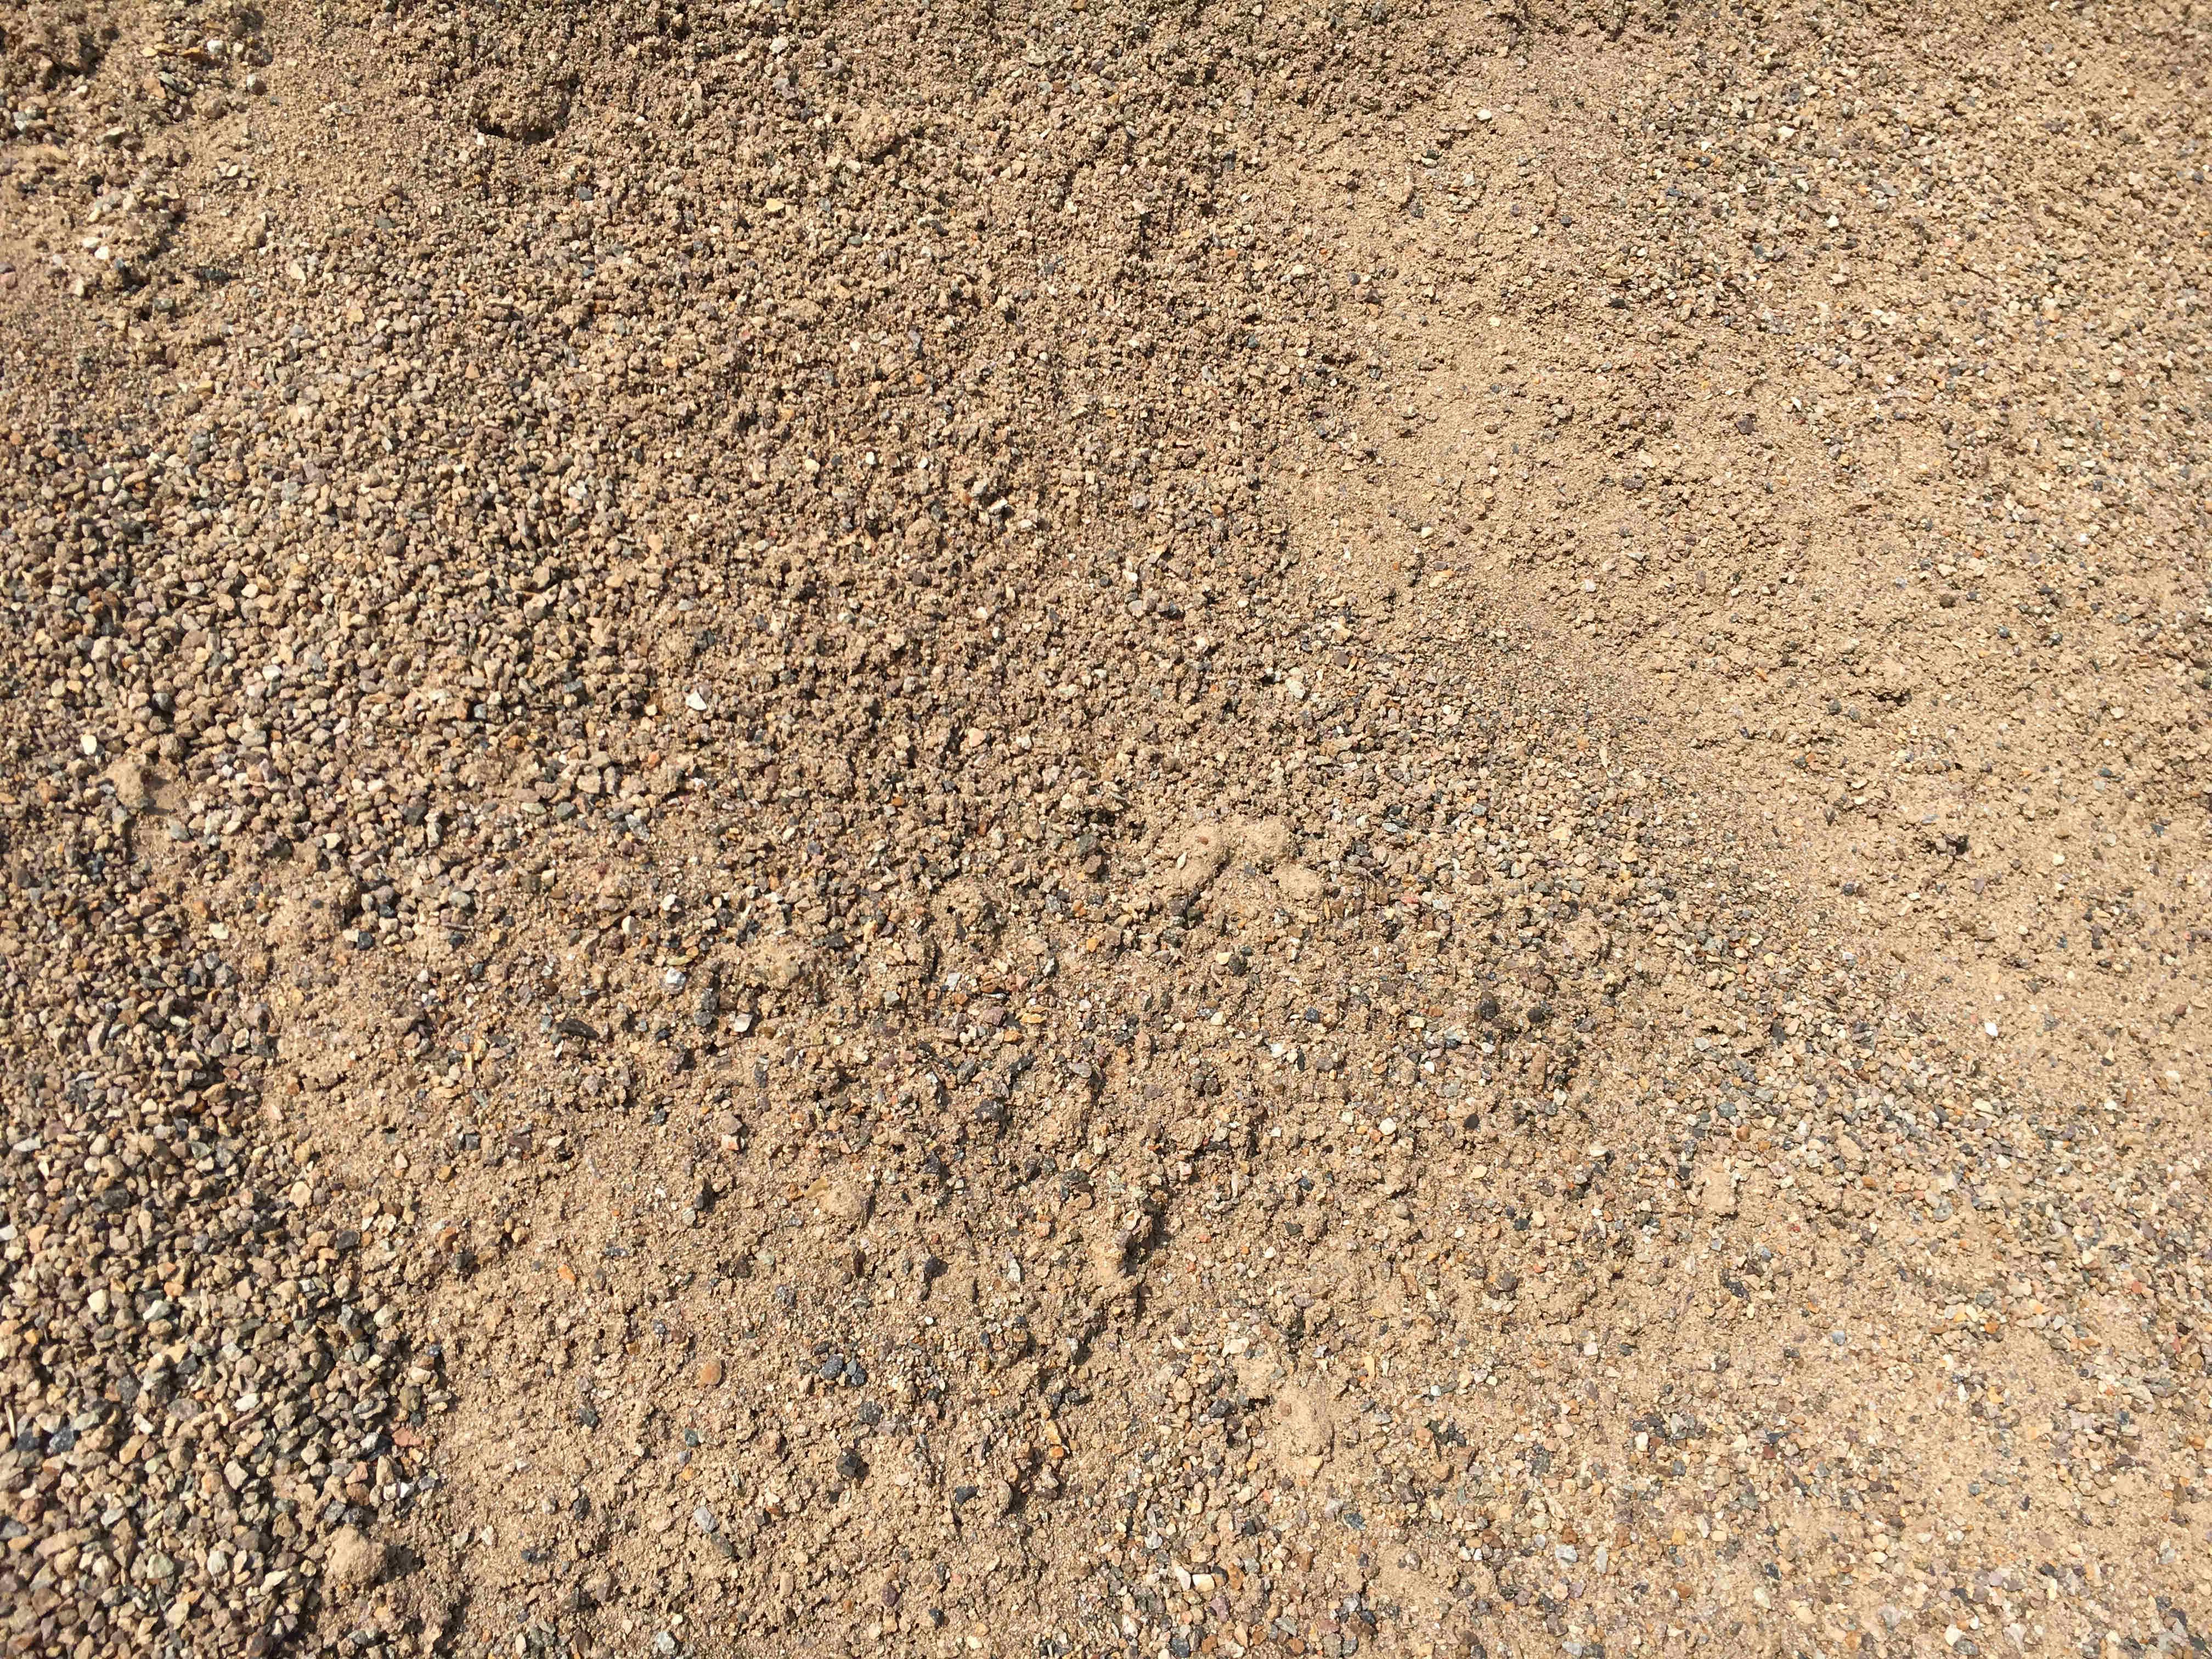 <b>【砂石开发|矿山整合】甘肃规划五大砂石开发基地 加快矿山重组整合</b>